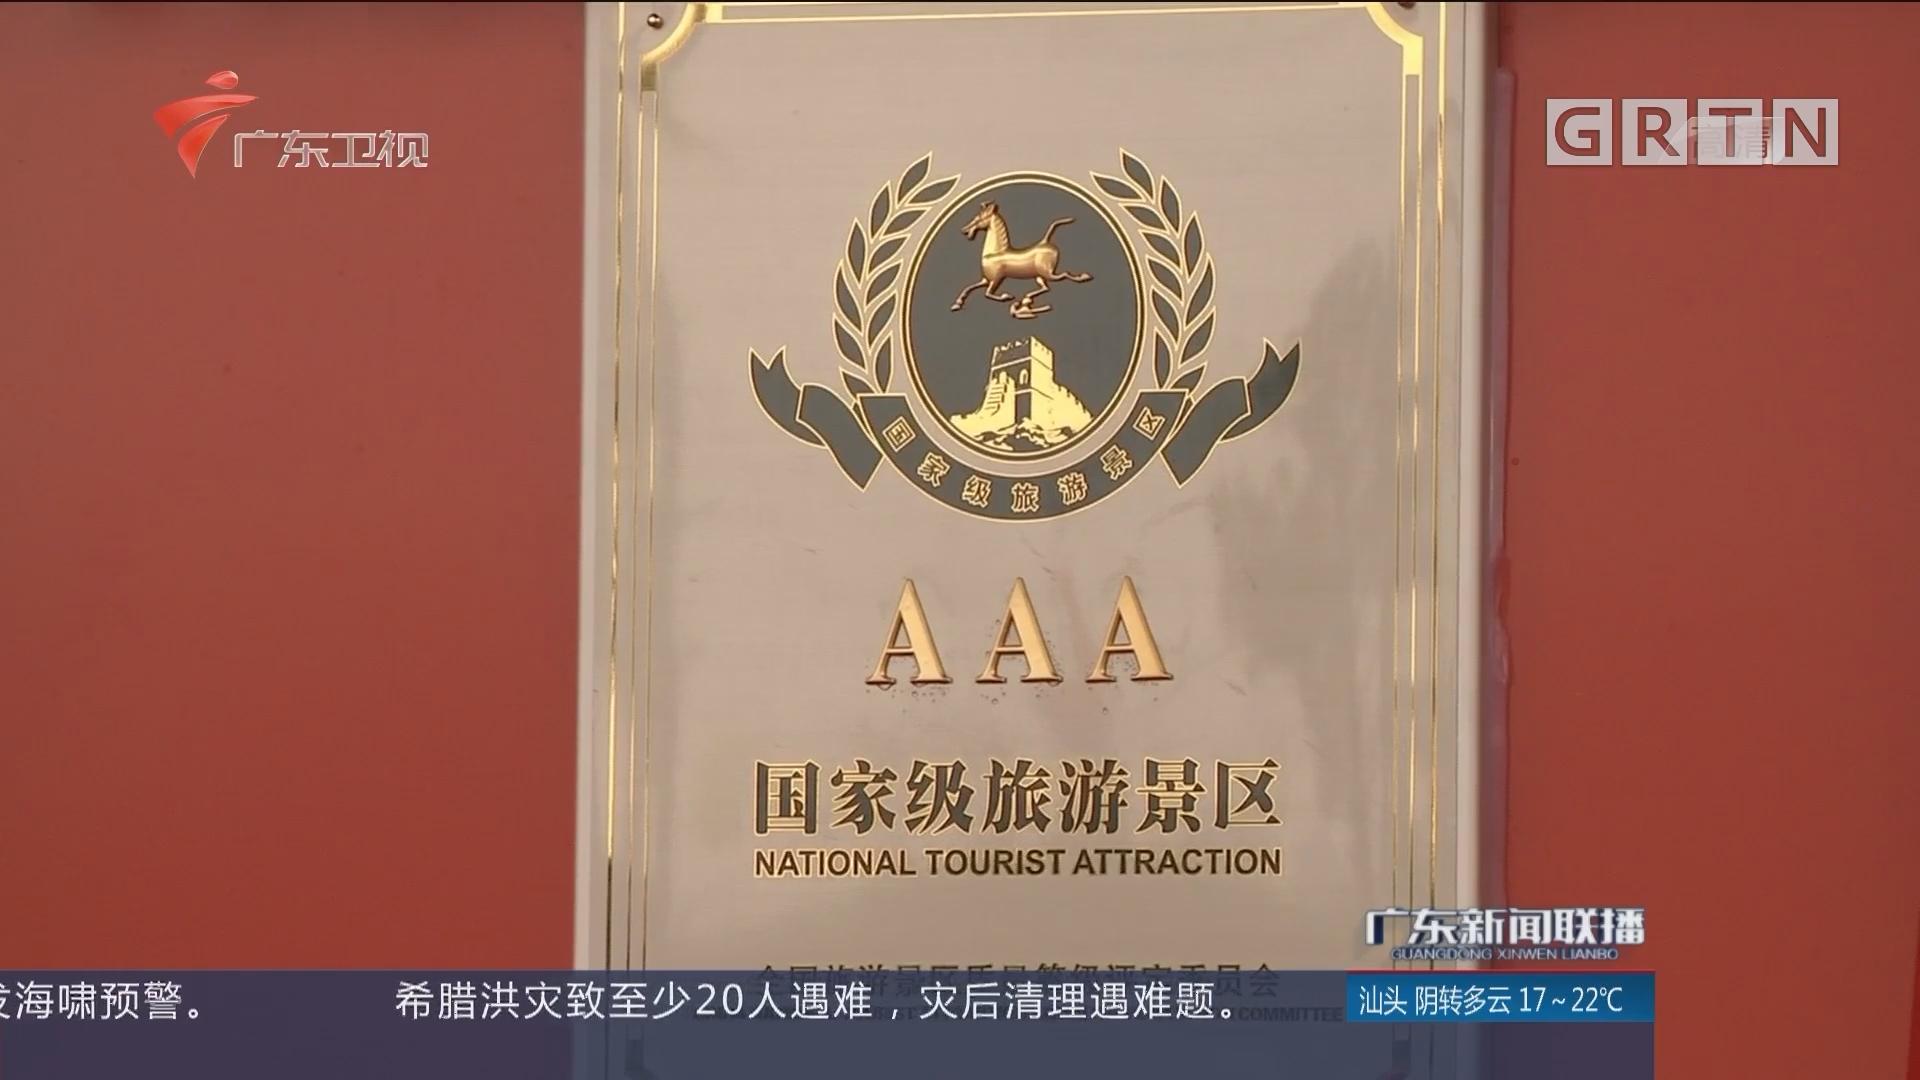 江门鹤山:咏春为媒展示优秀文化传统